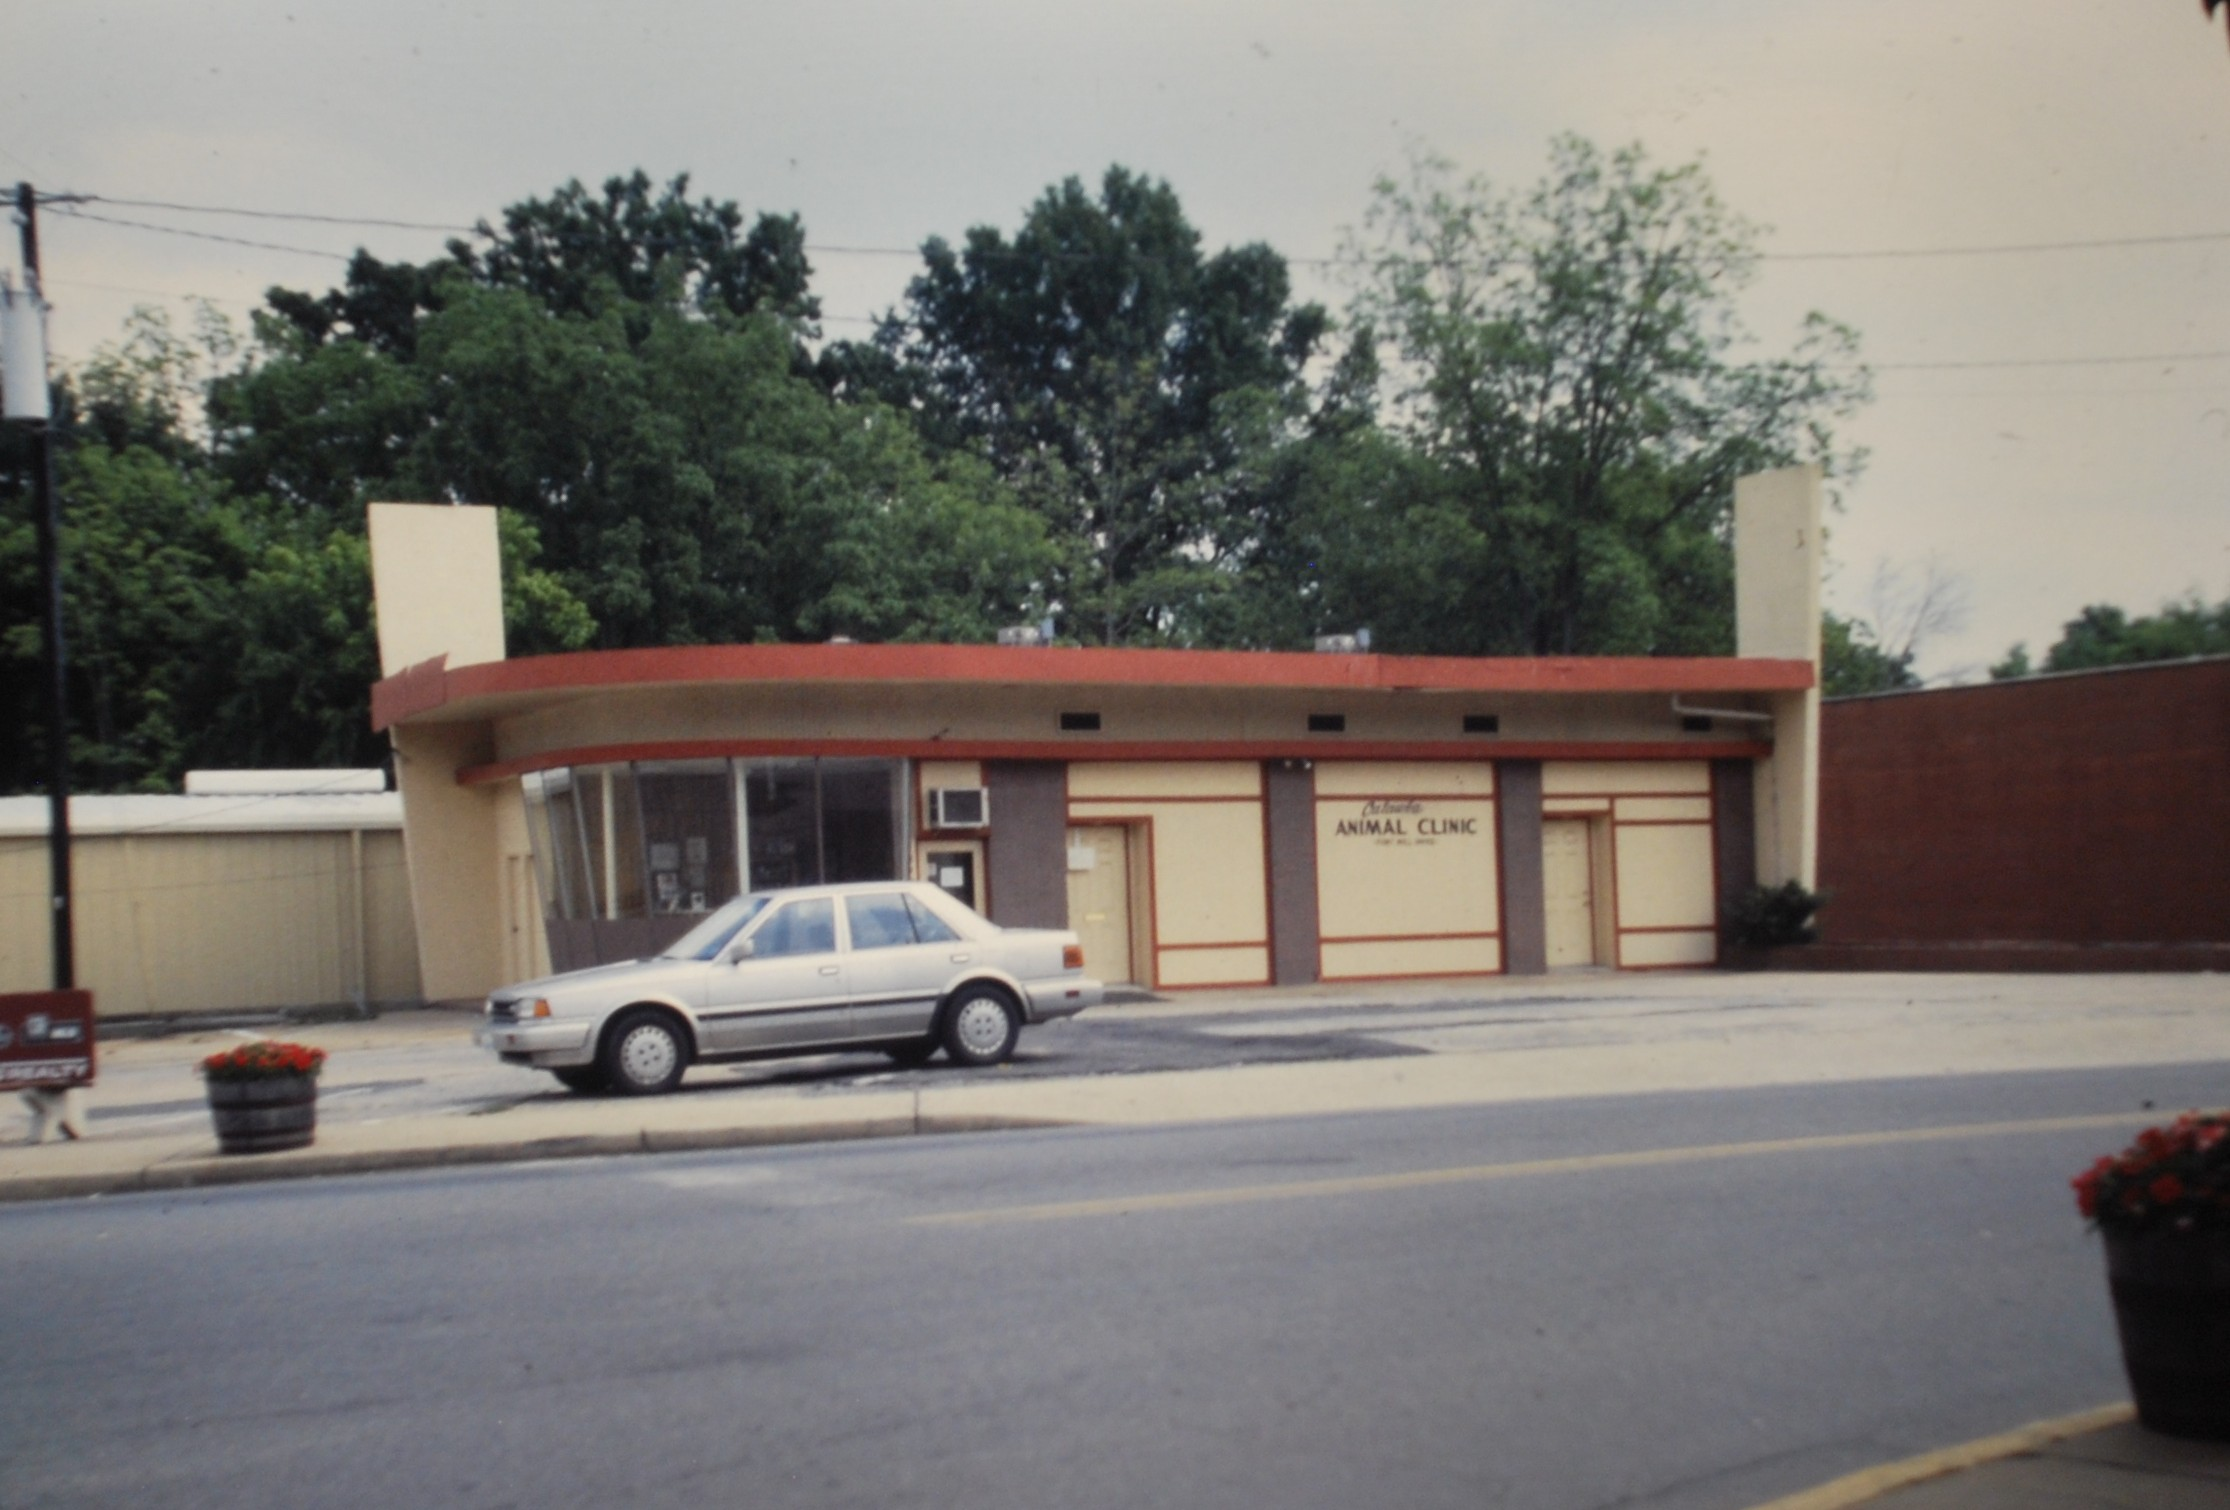 circa 1980s